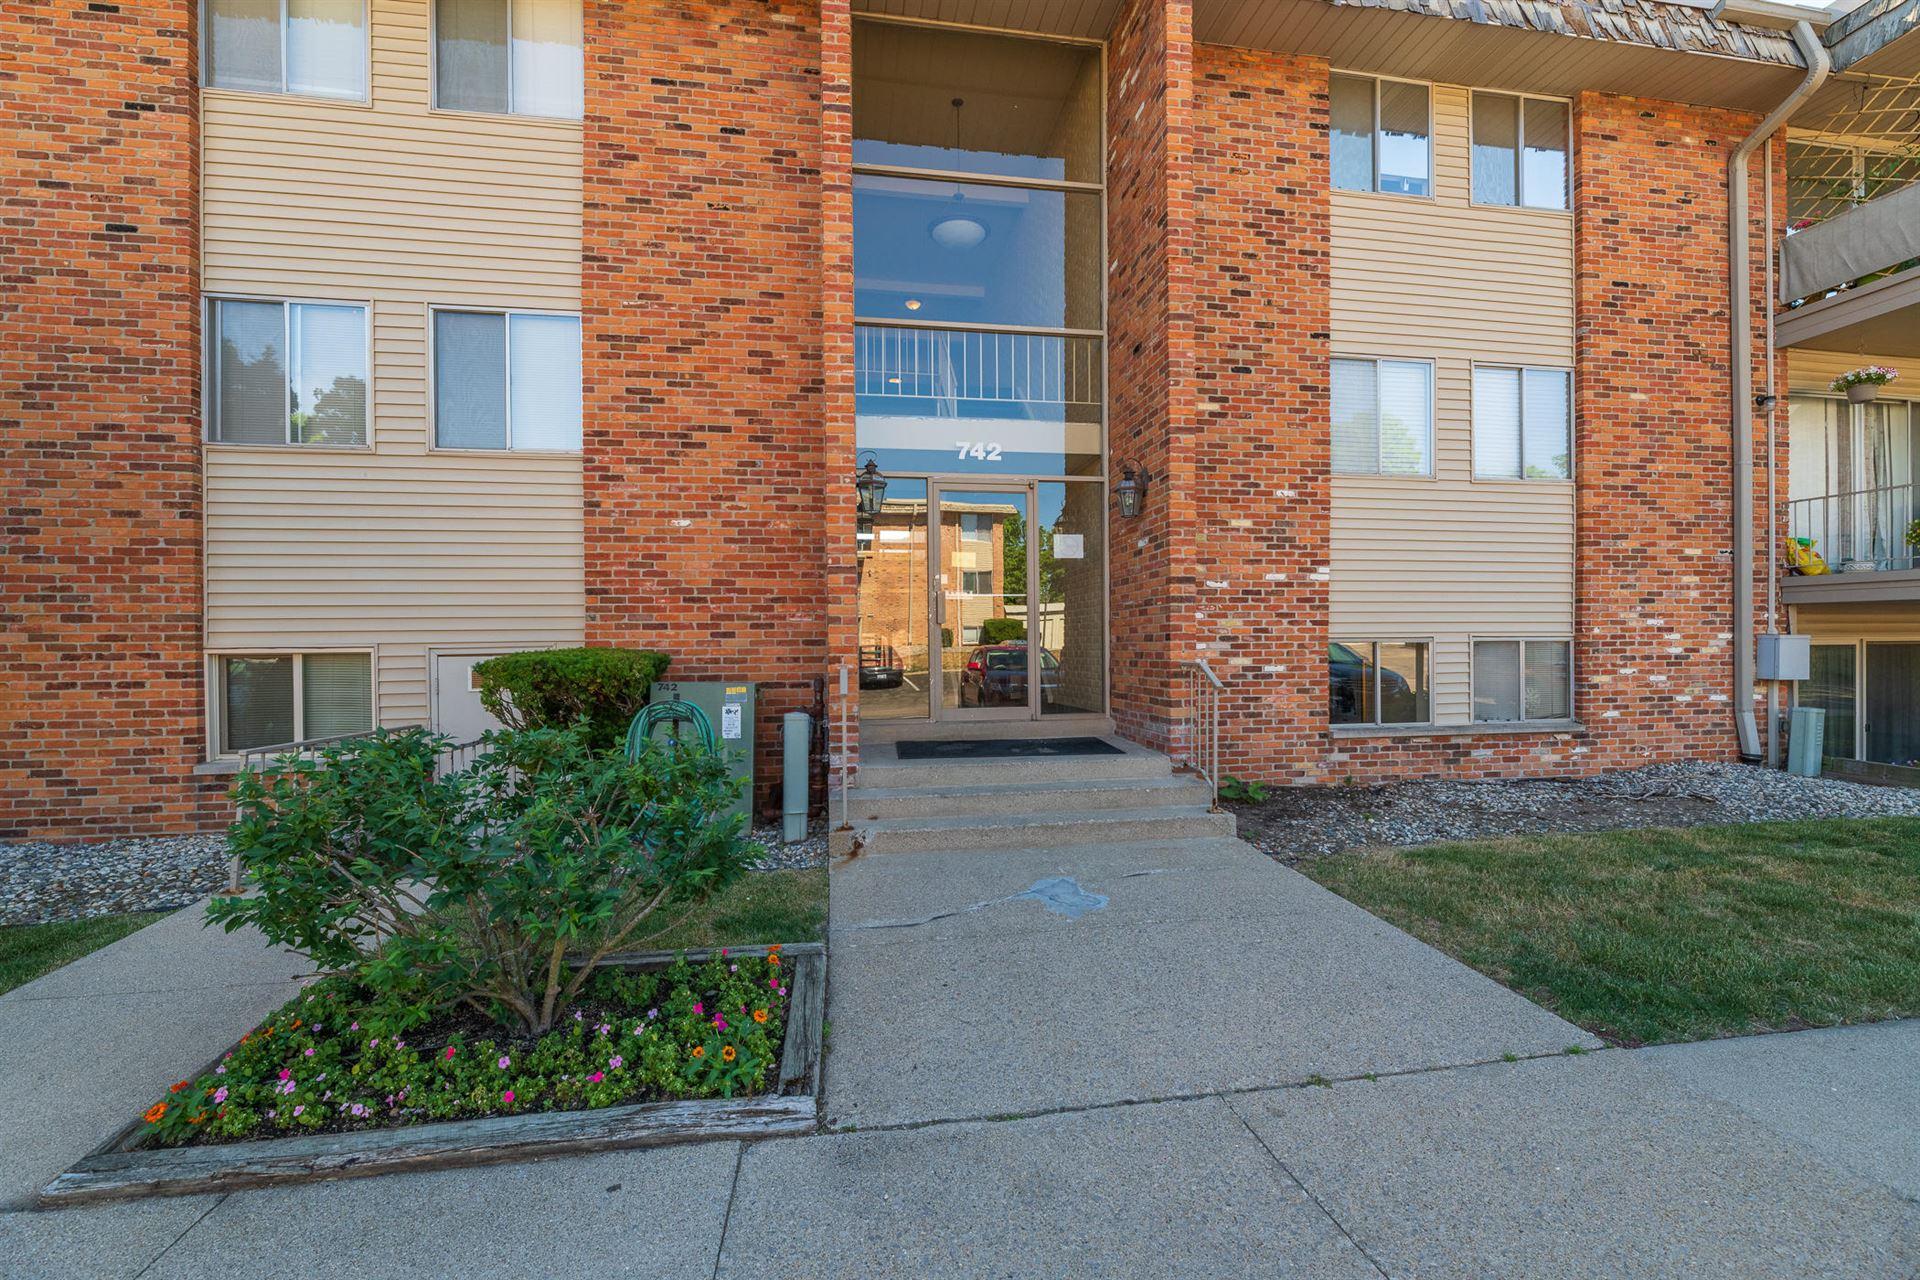 742 W Kilgore Road #206, Kalamazoo, MI 49008 - MLS#: 21023802